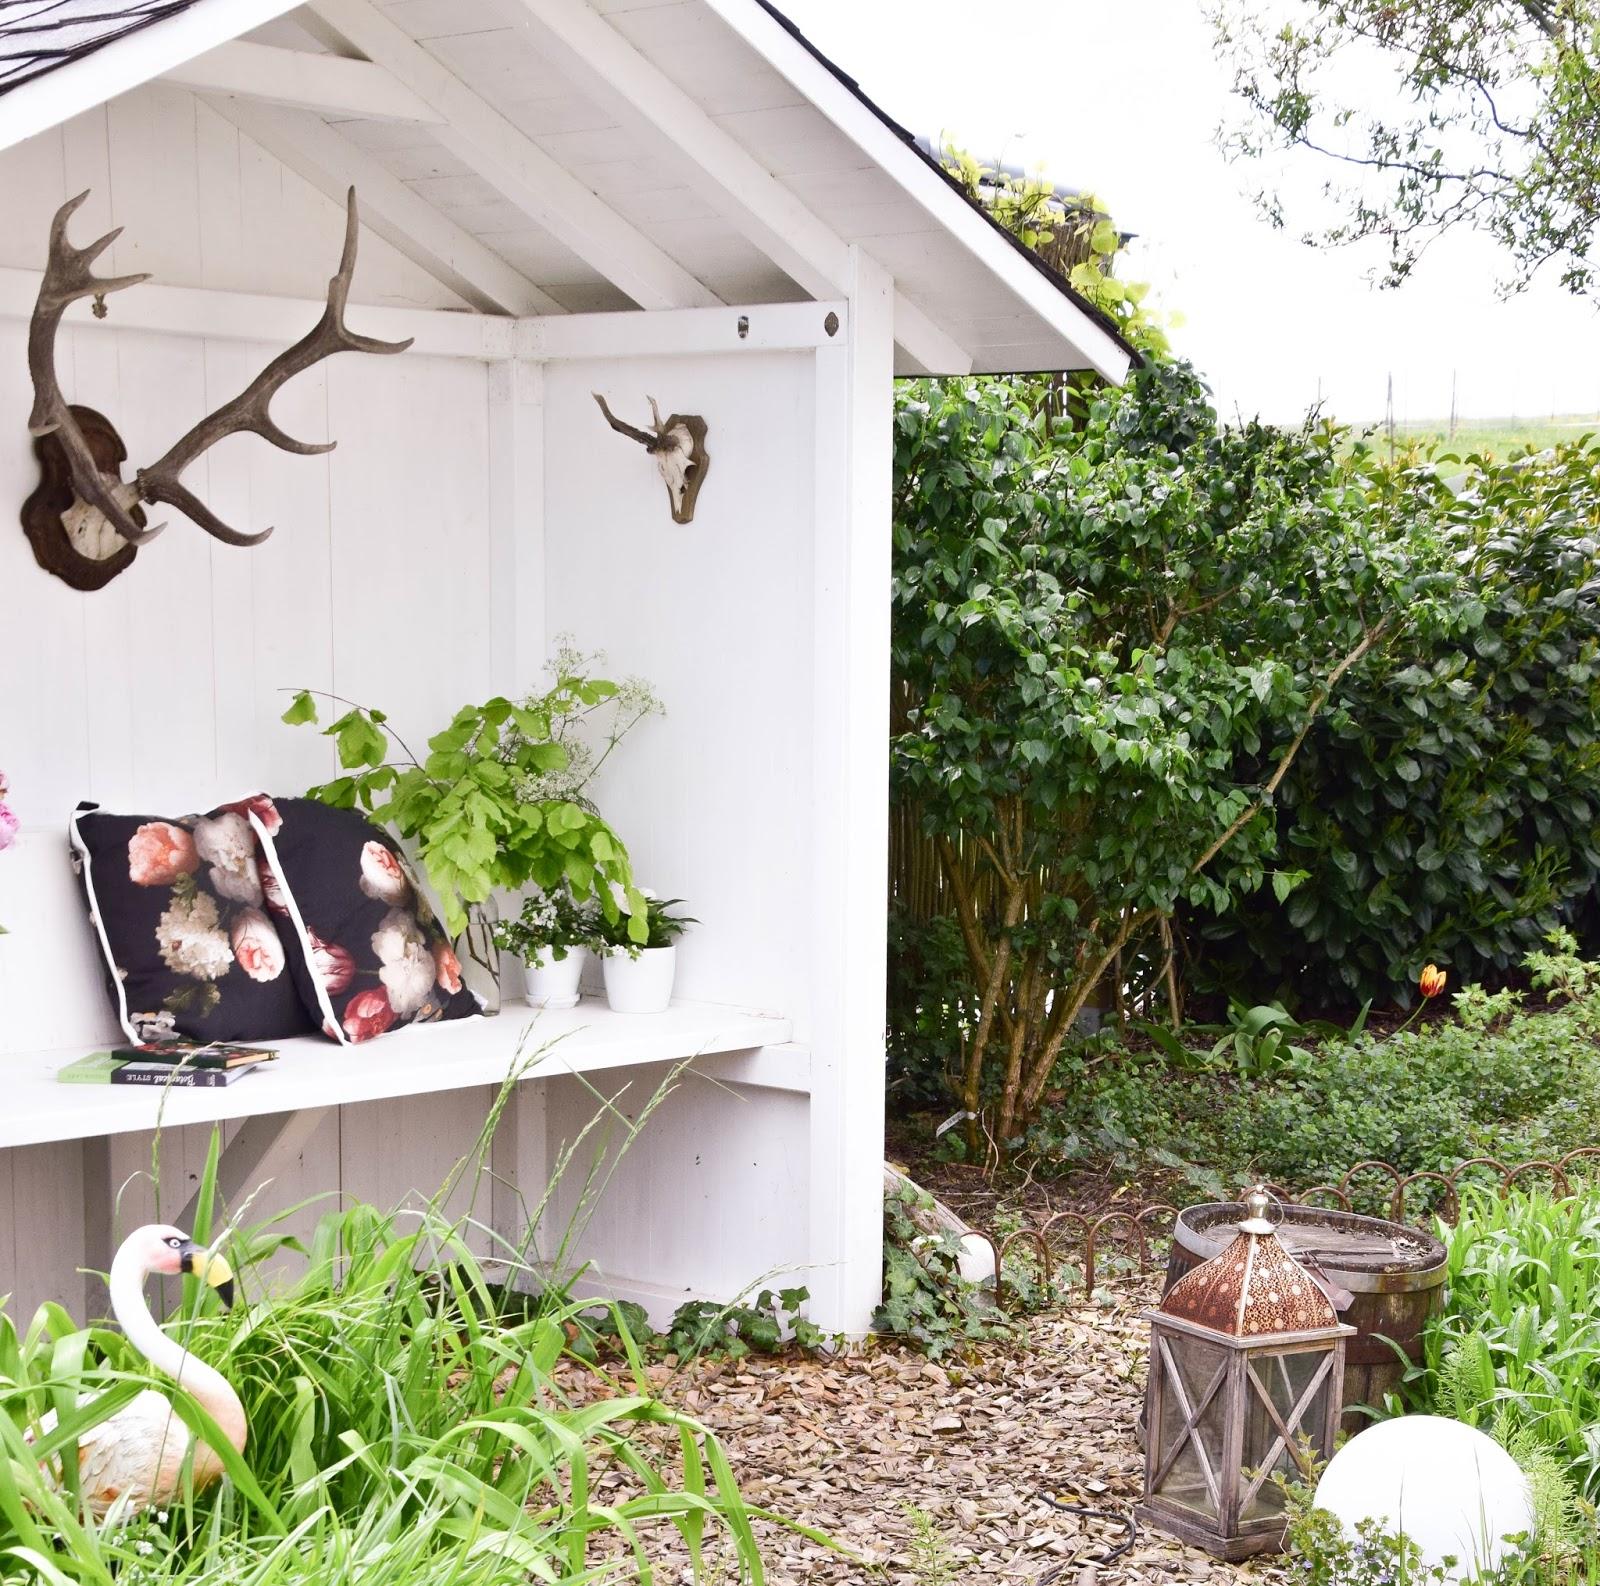 Garteneinblicke Gartenideen Teichhaus  Maigarten garten teichhaus gartenhaus deko dekoration gartendeko teich